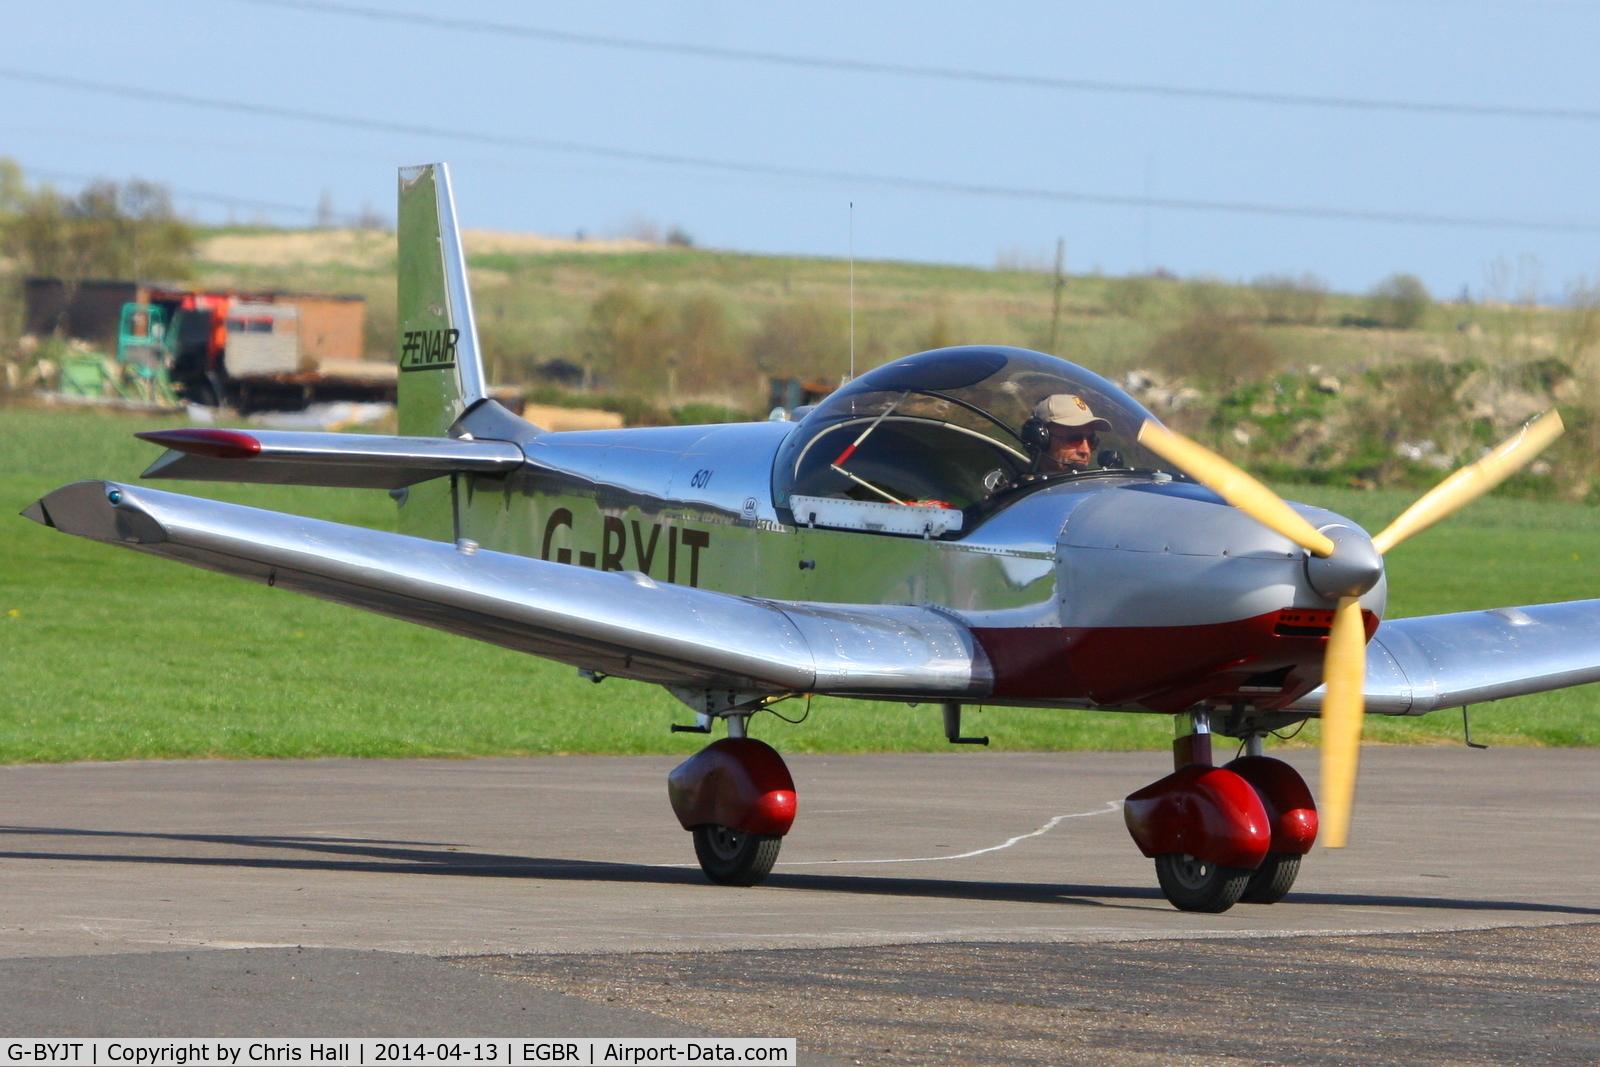 G-BYJT, 1999 Zenair CH-601HD C/N PFA 162-13130, at Breighton's 'Early Bird' Fly-in 13/04/14